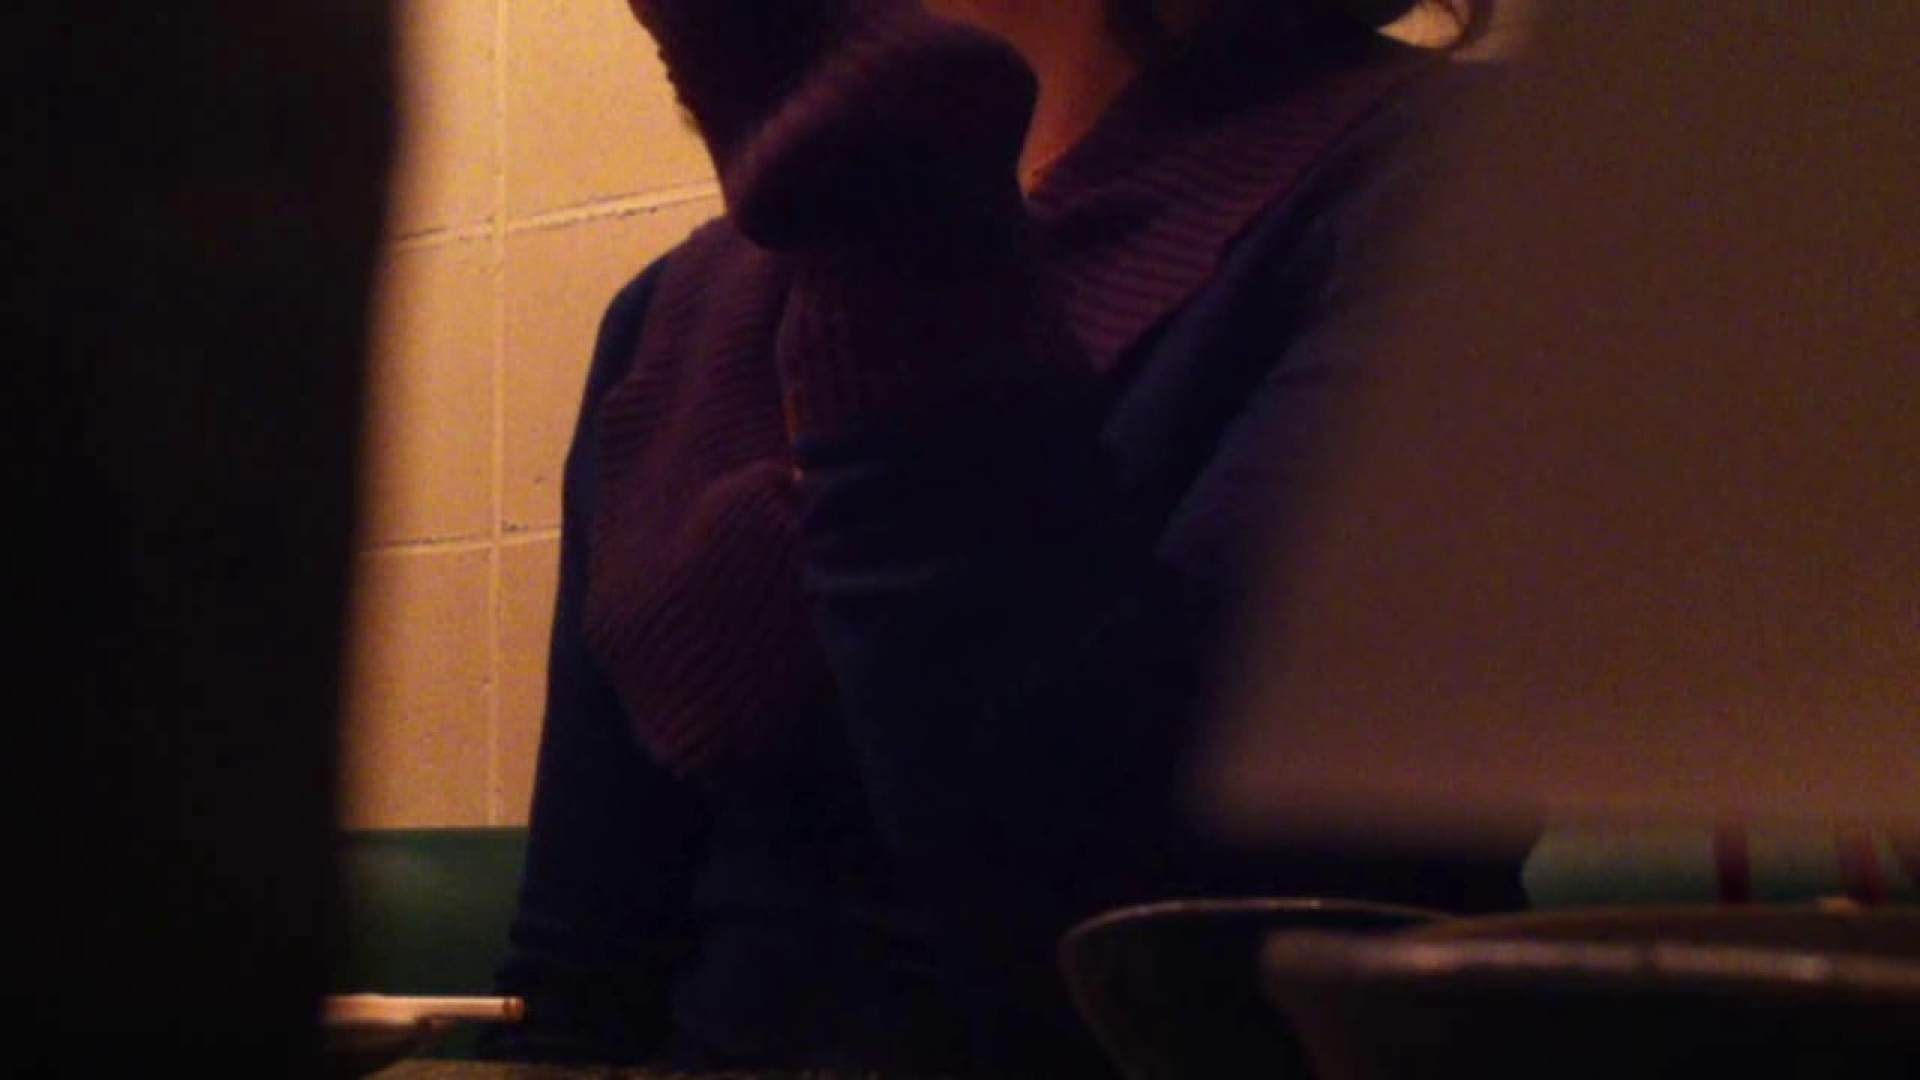 32才バツイチ子持ち現役看護婦じゅんこの変態願望Vol.1 OLセックス のぞき濡れ場動画紹介 76画像 2